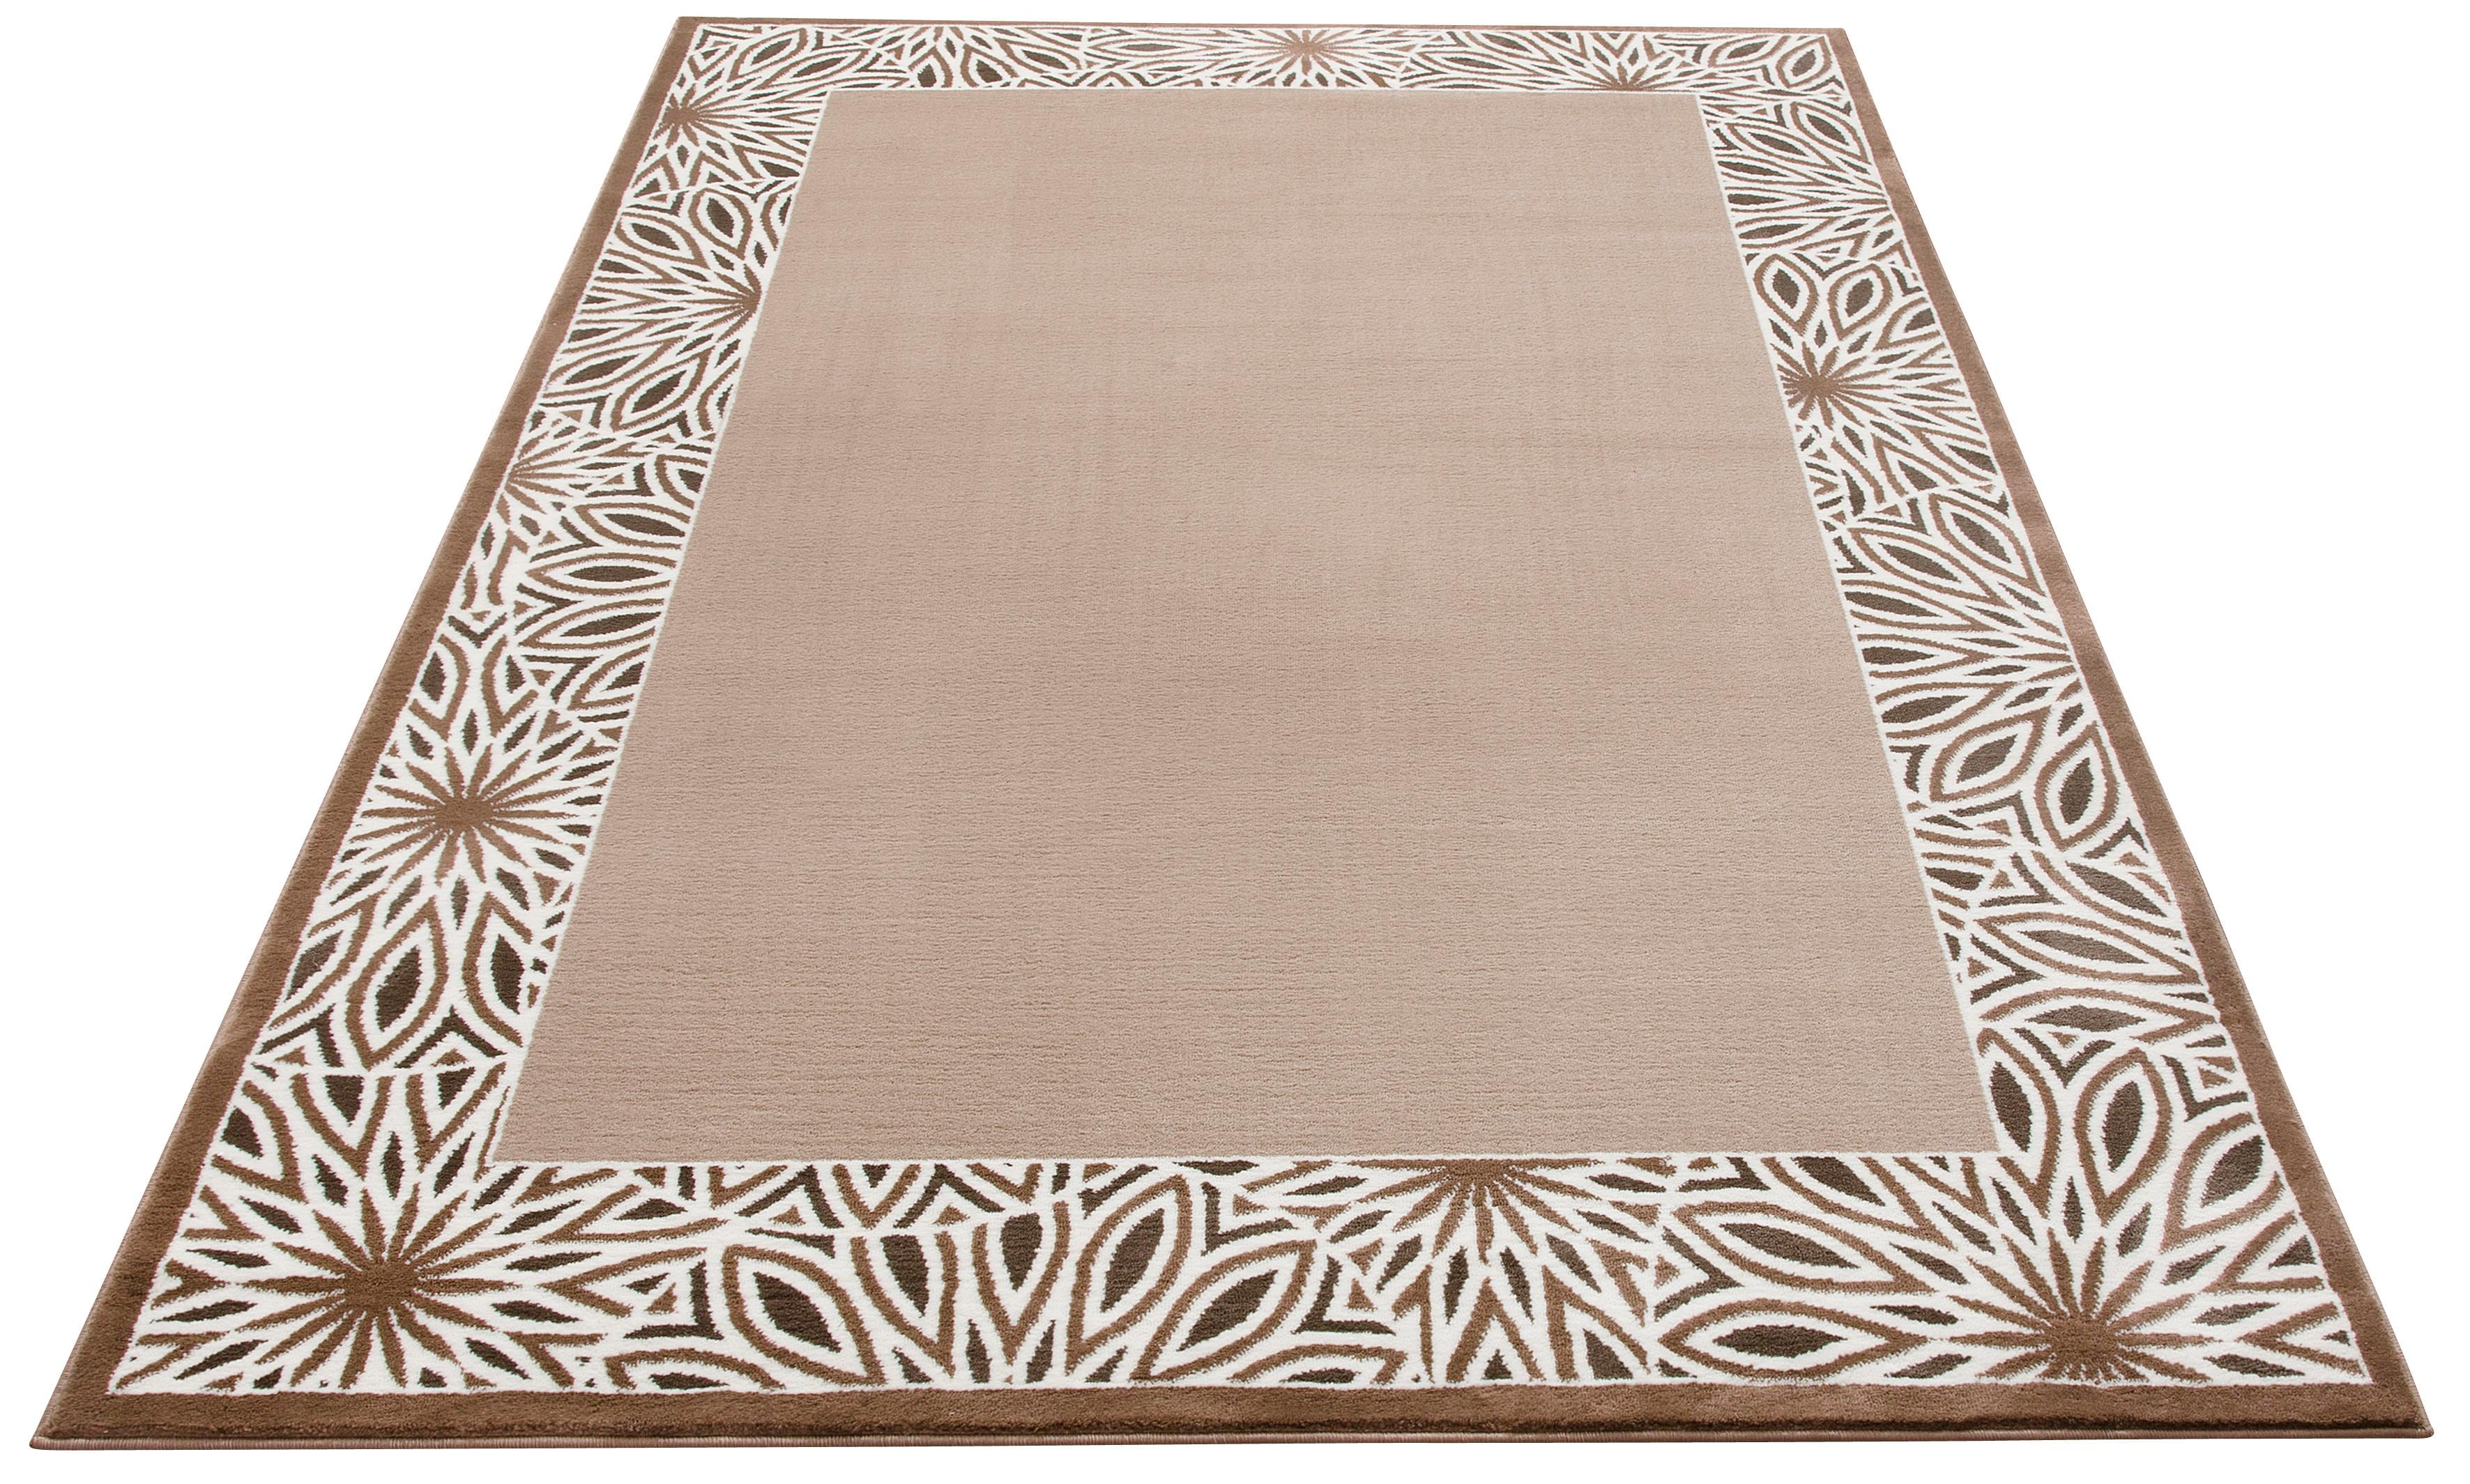 Teppich Ester my home rechteckig Höhe 11 mm maschinell gewebt